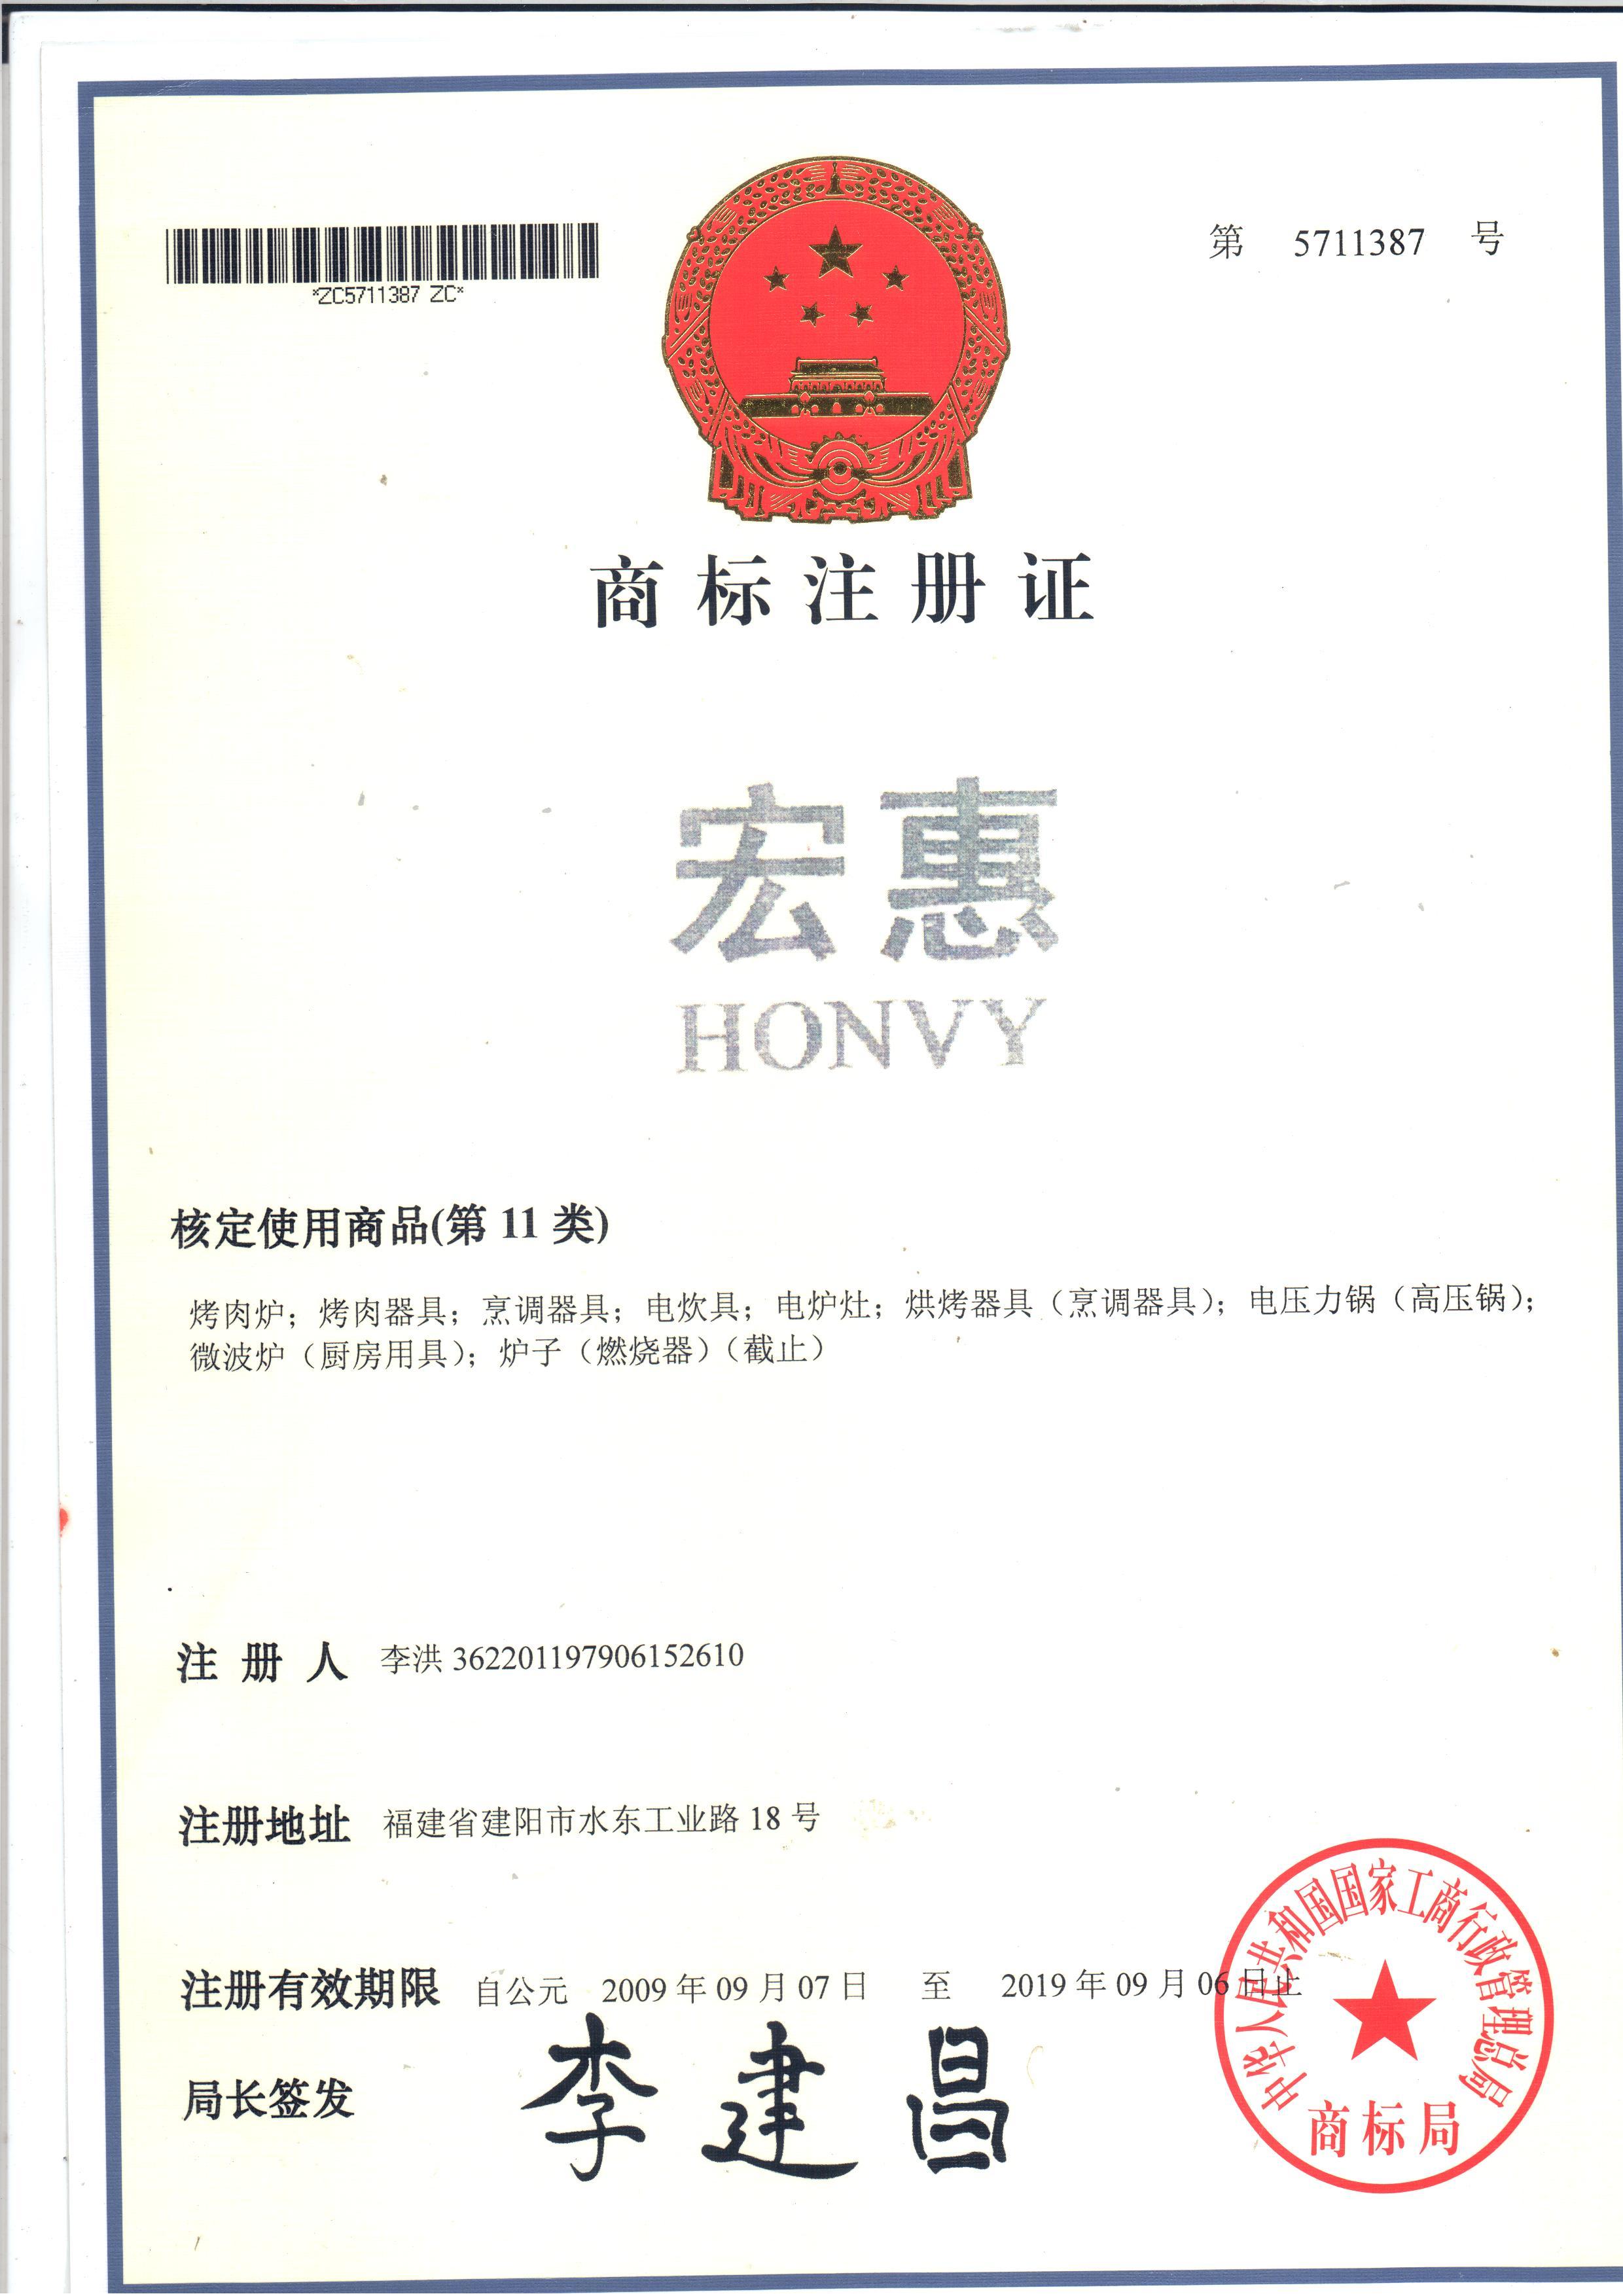 宏惠(HONVY)